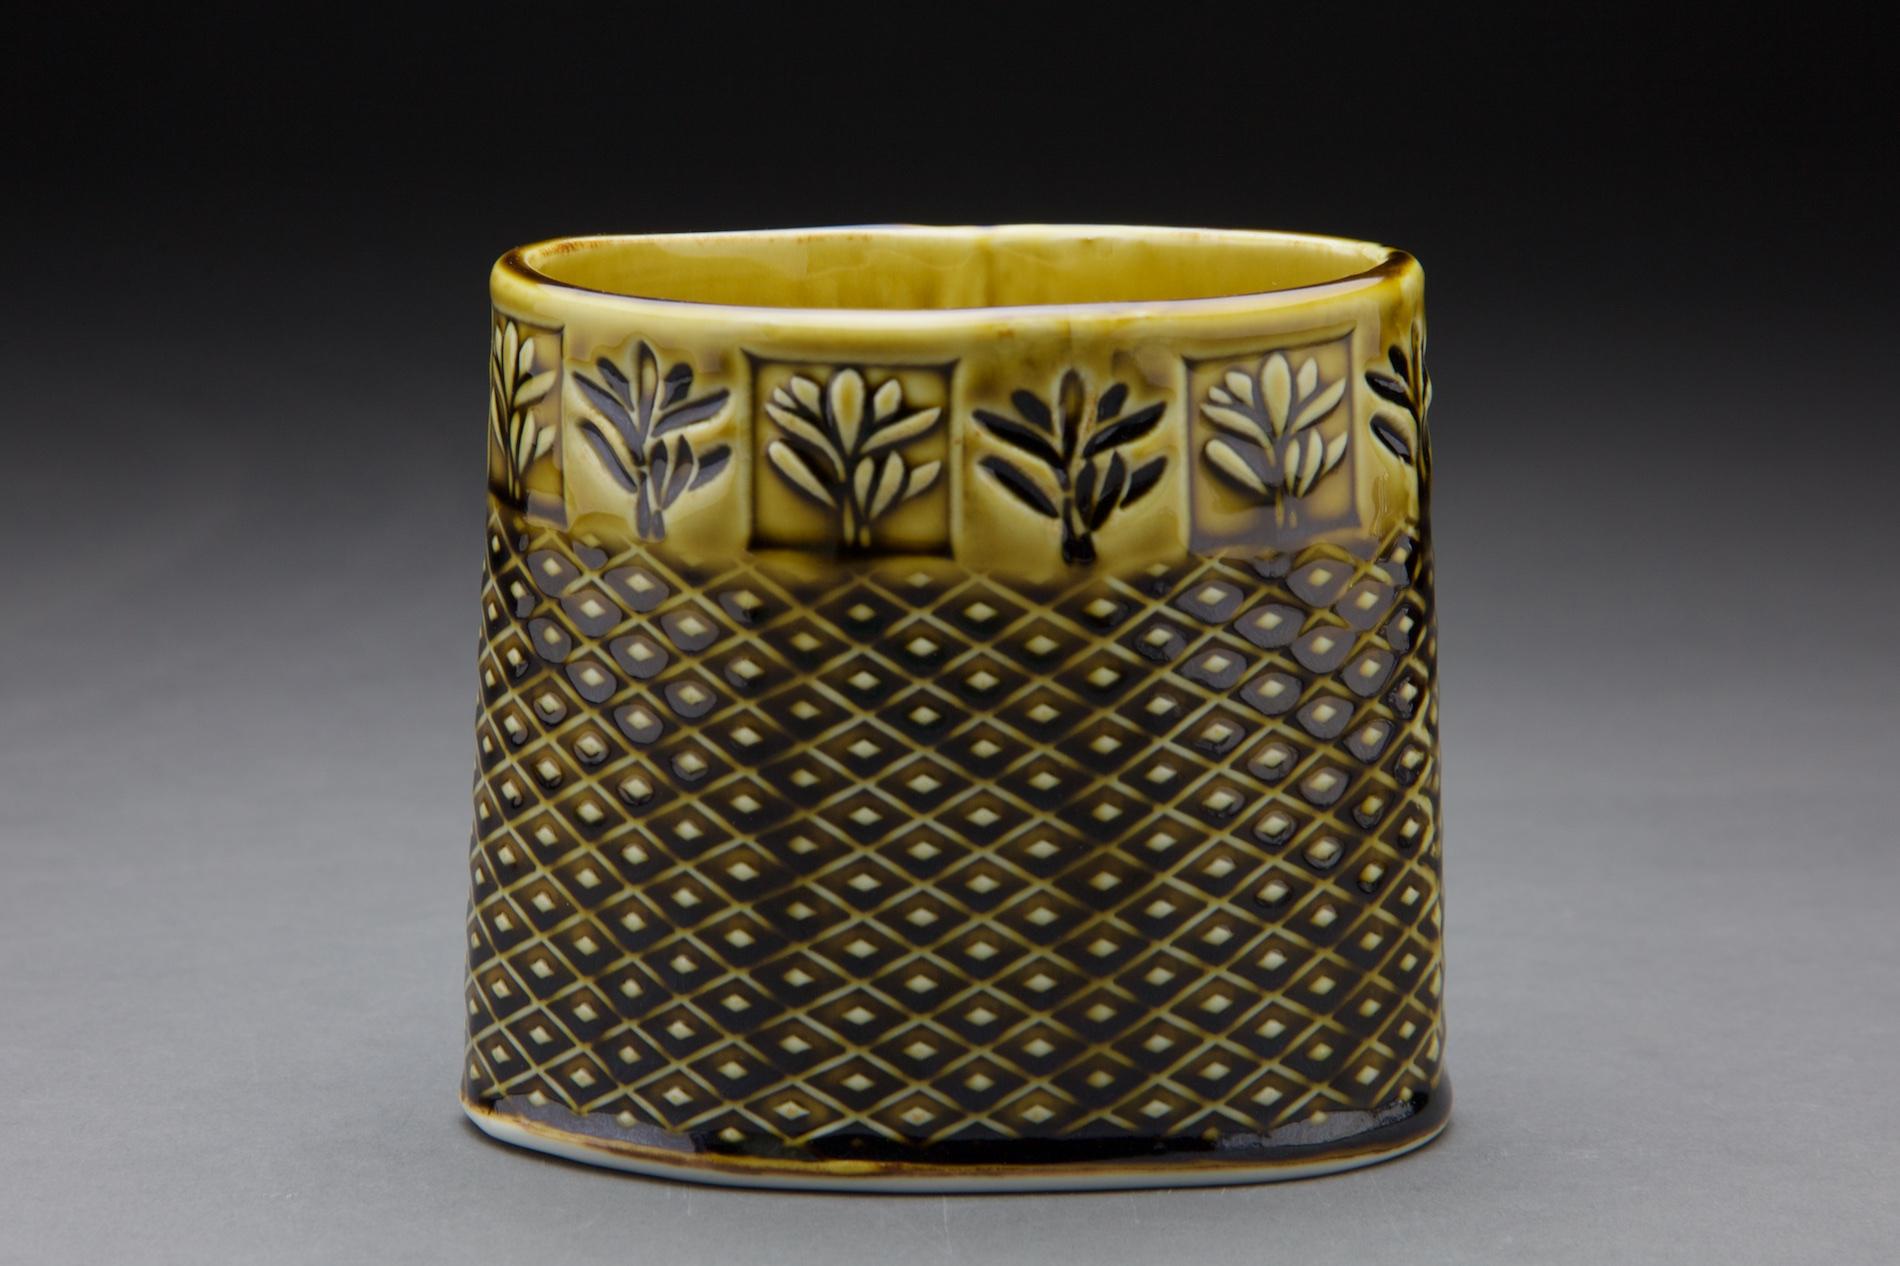 5x5x3 in vessel amber celadon glaze